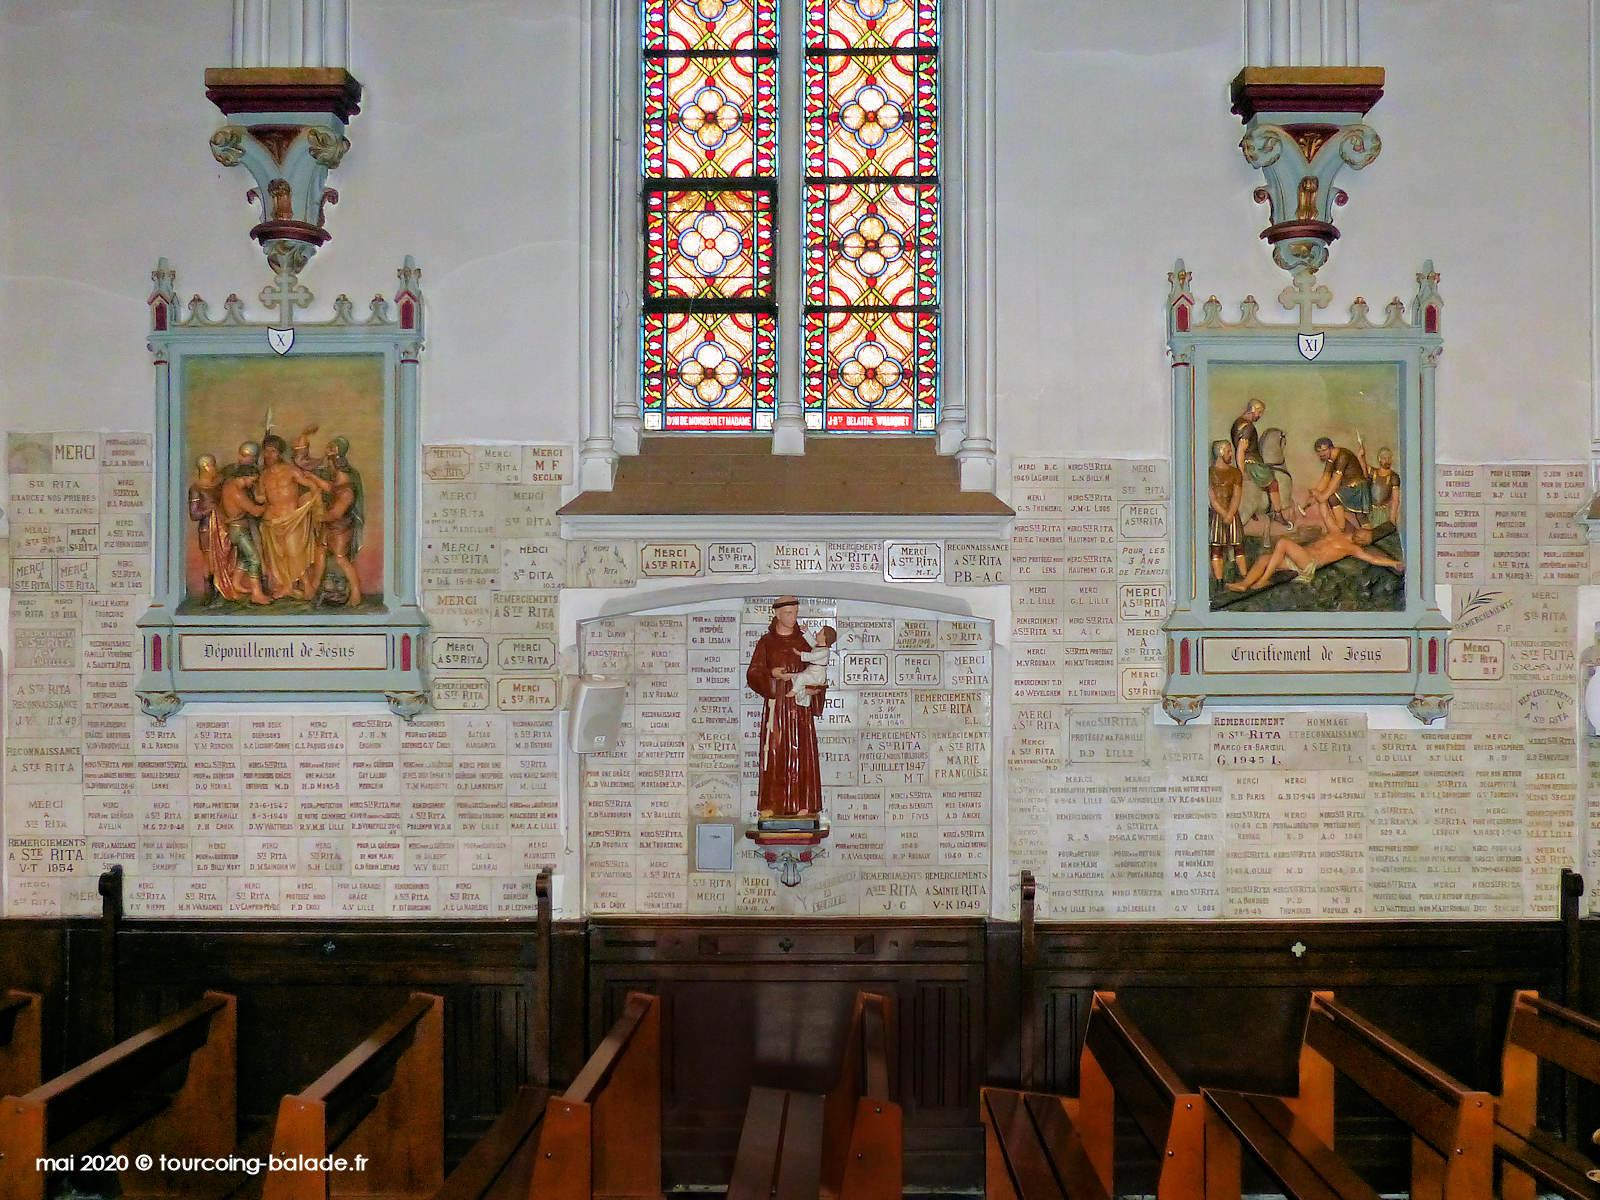 Bas-côté de la nef de l'église Sainte Rita, Vendeville, 2020